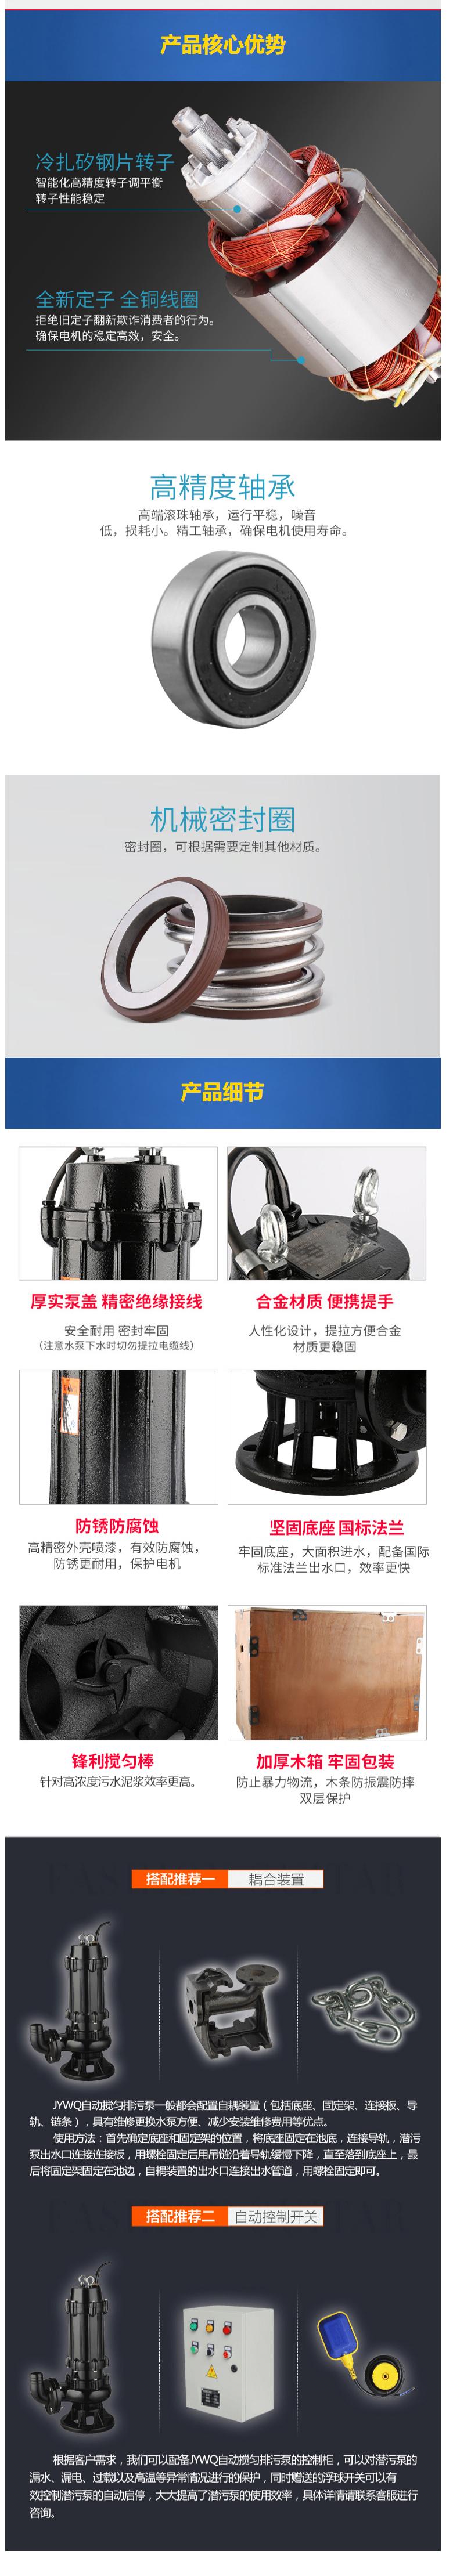 WQJY型搅匀式污水泵02.jpg